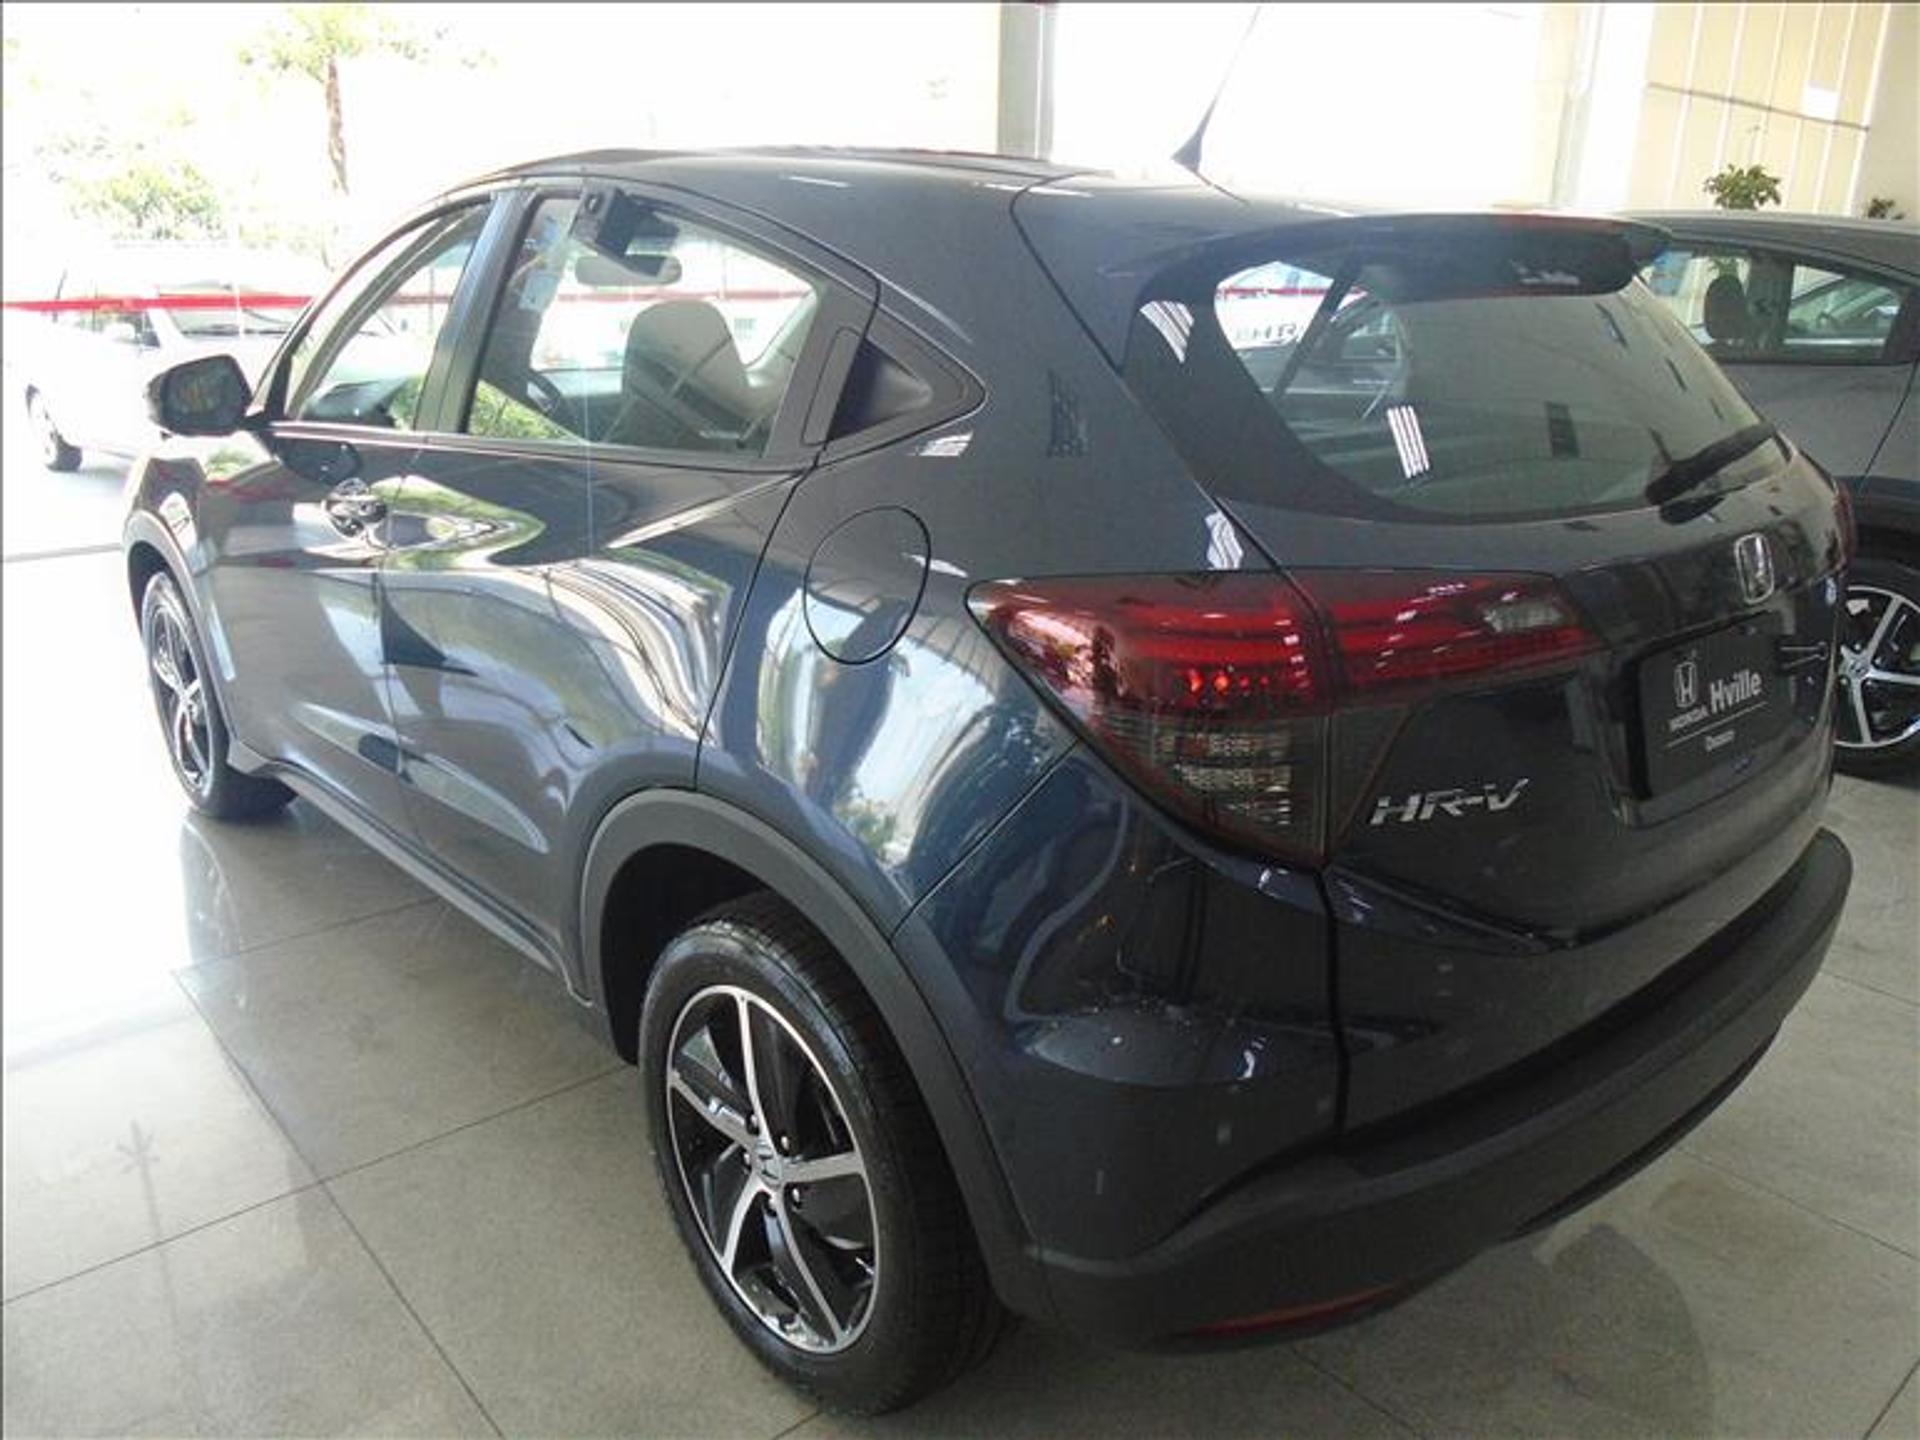 Honda Hrv 1.8 16v Flex Lx 4p Automatico Wmimagem18391170348